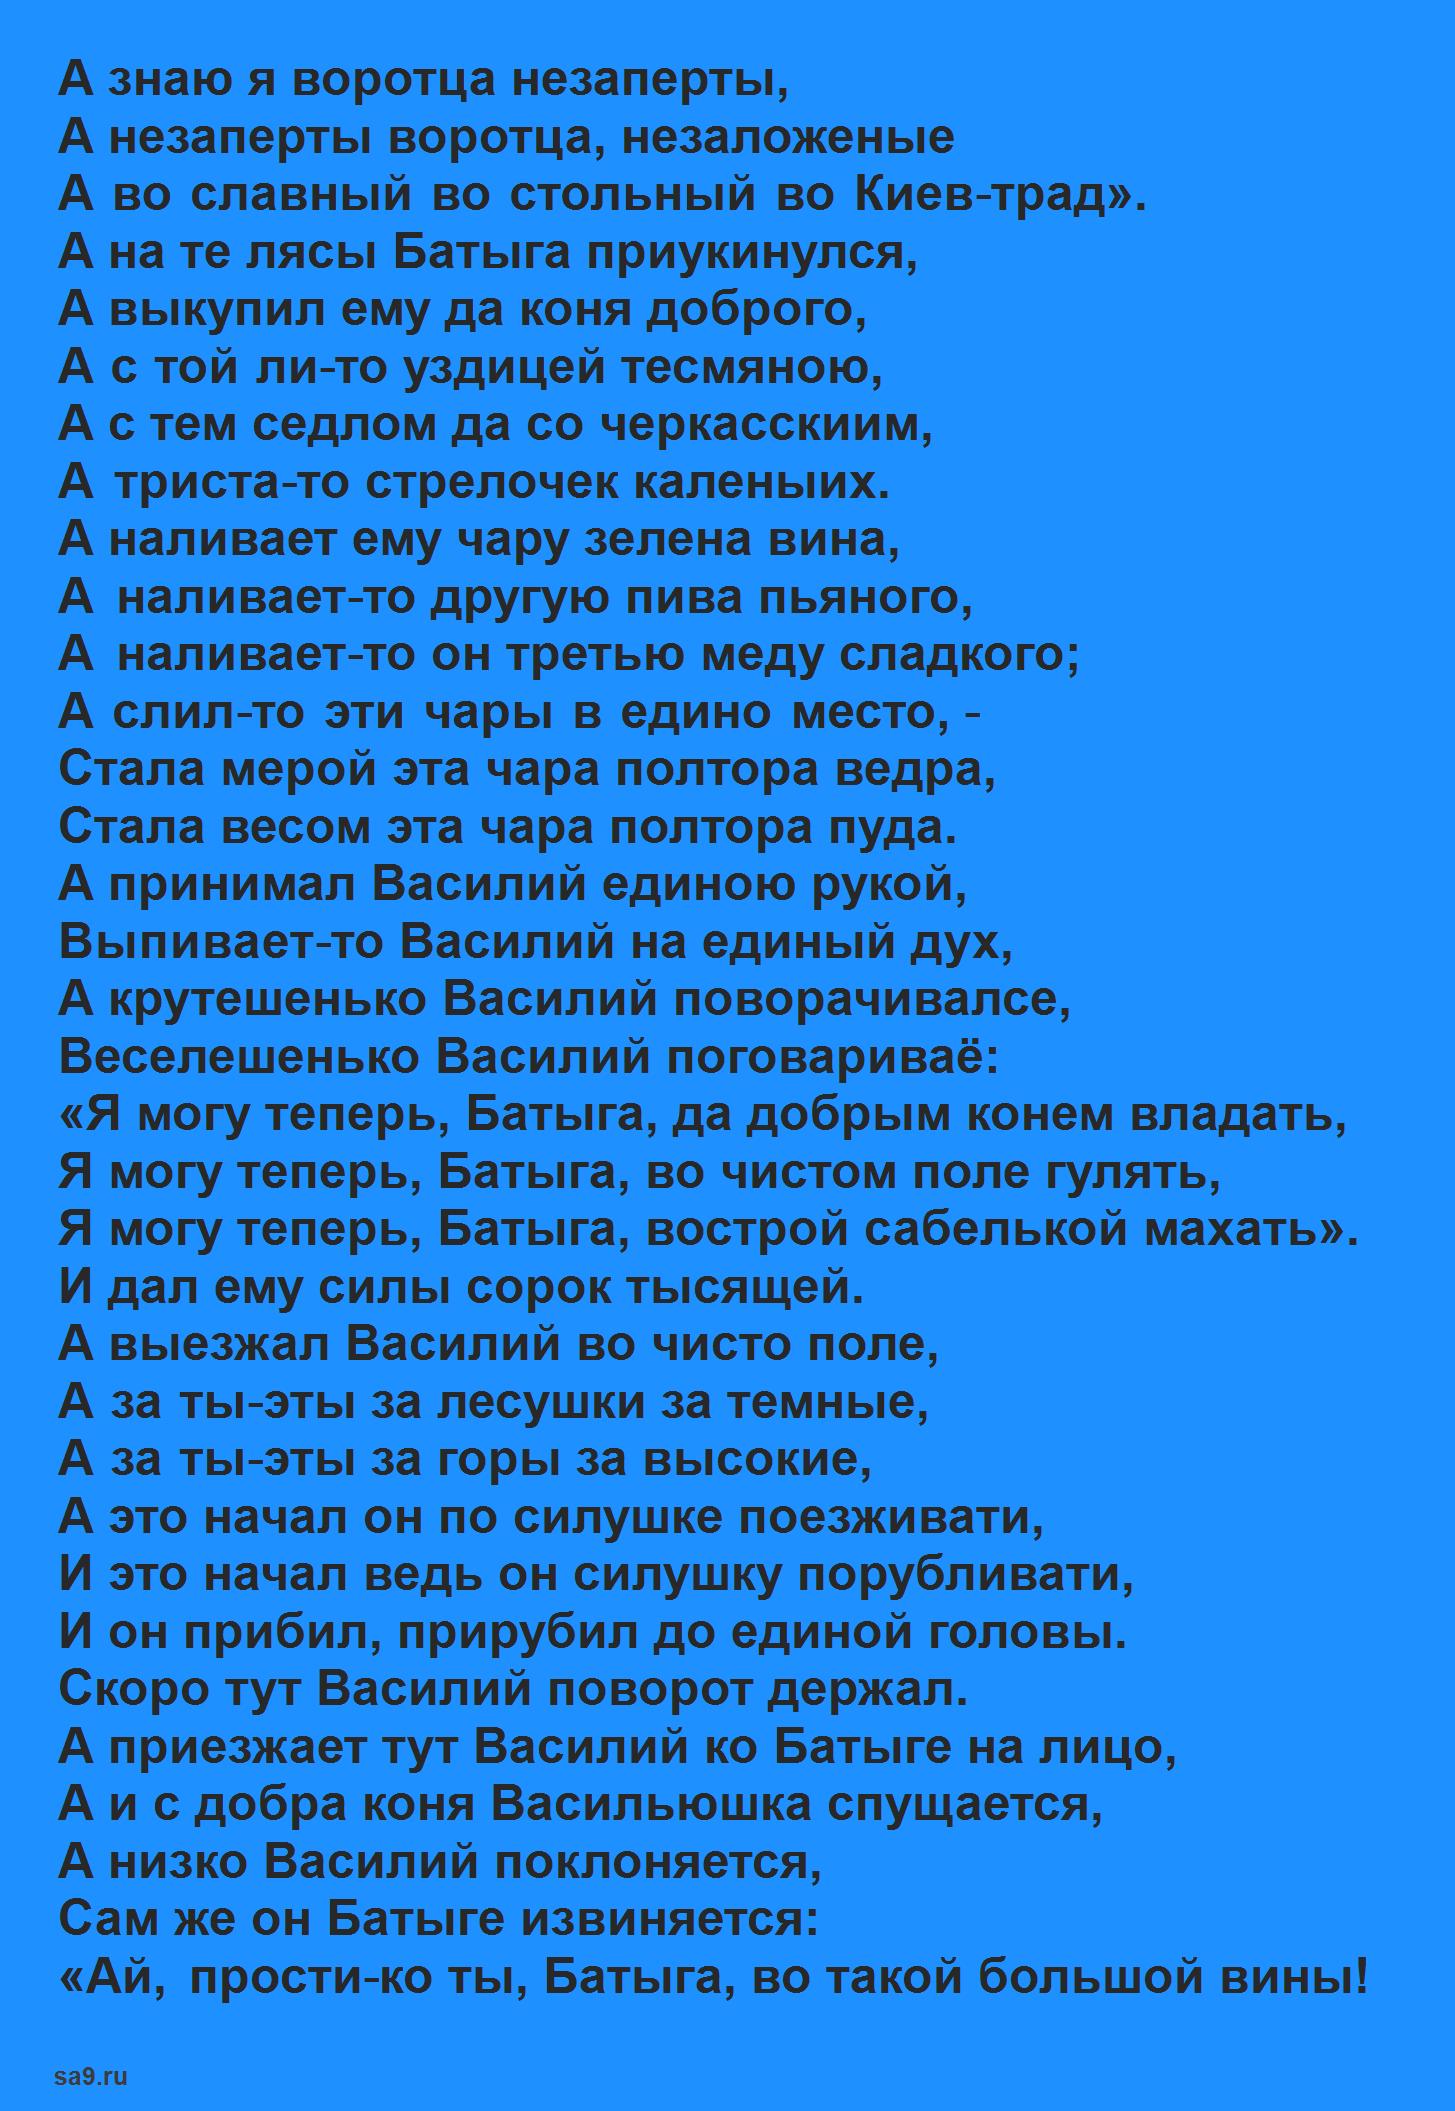 Былина русская народная - Василий Игнатьевич и Батыга